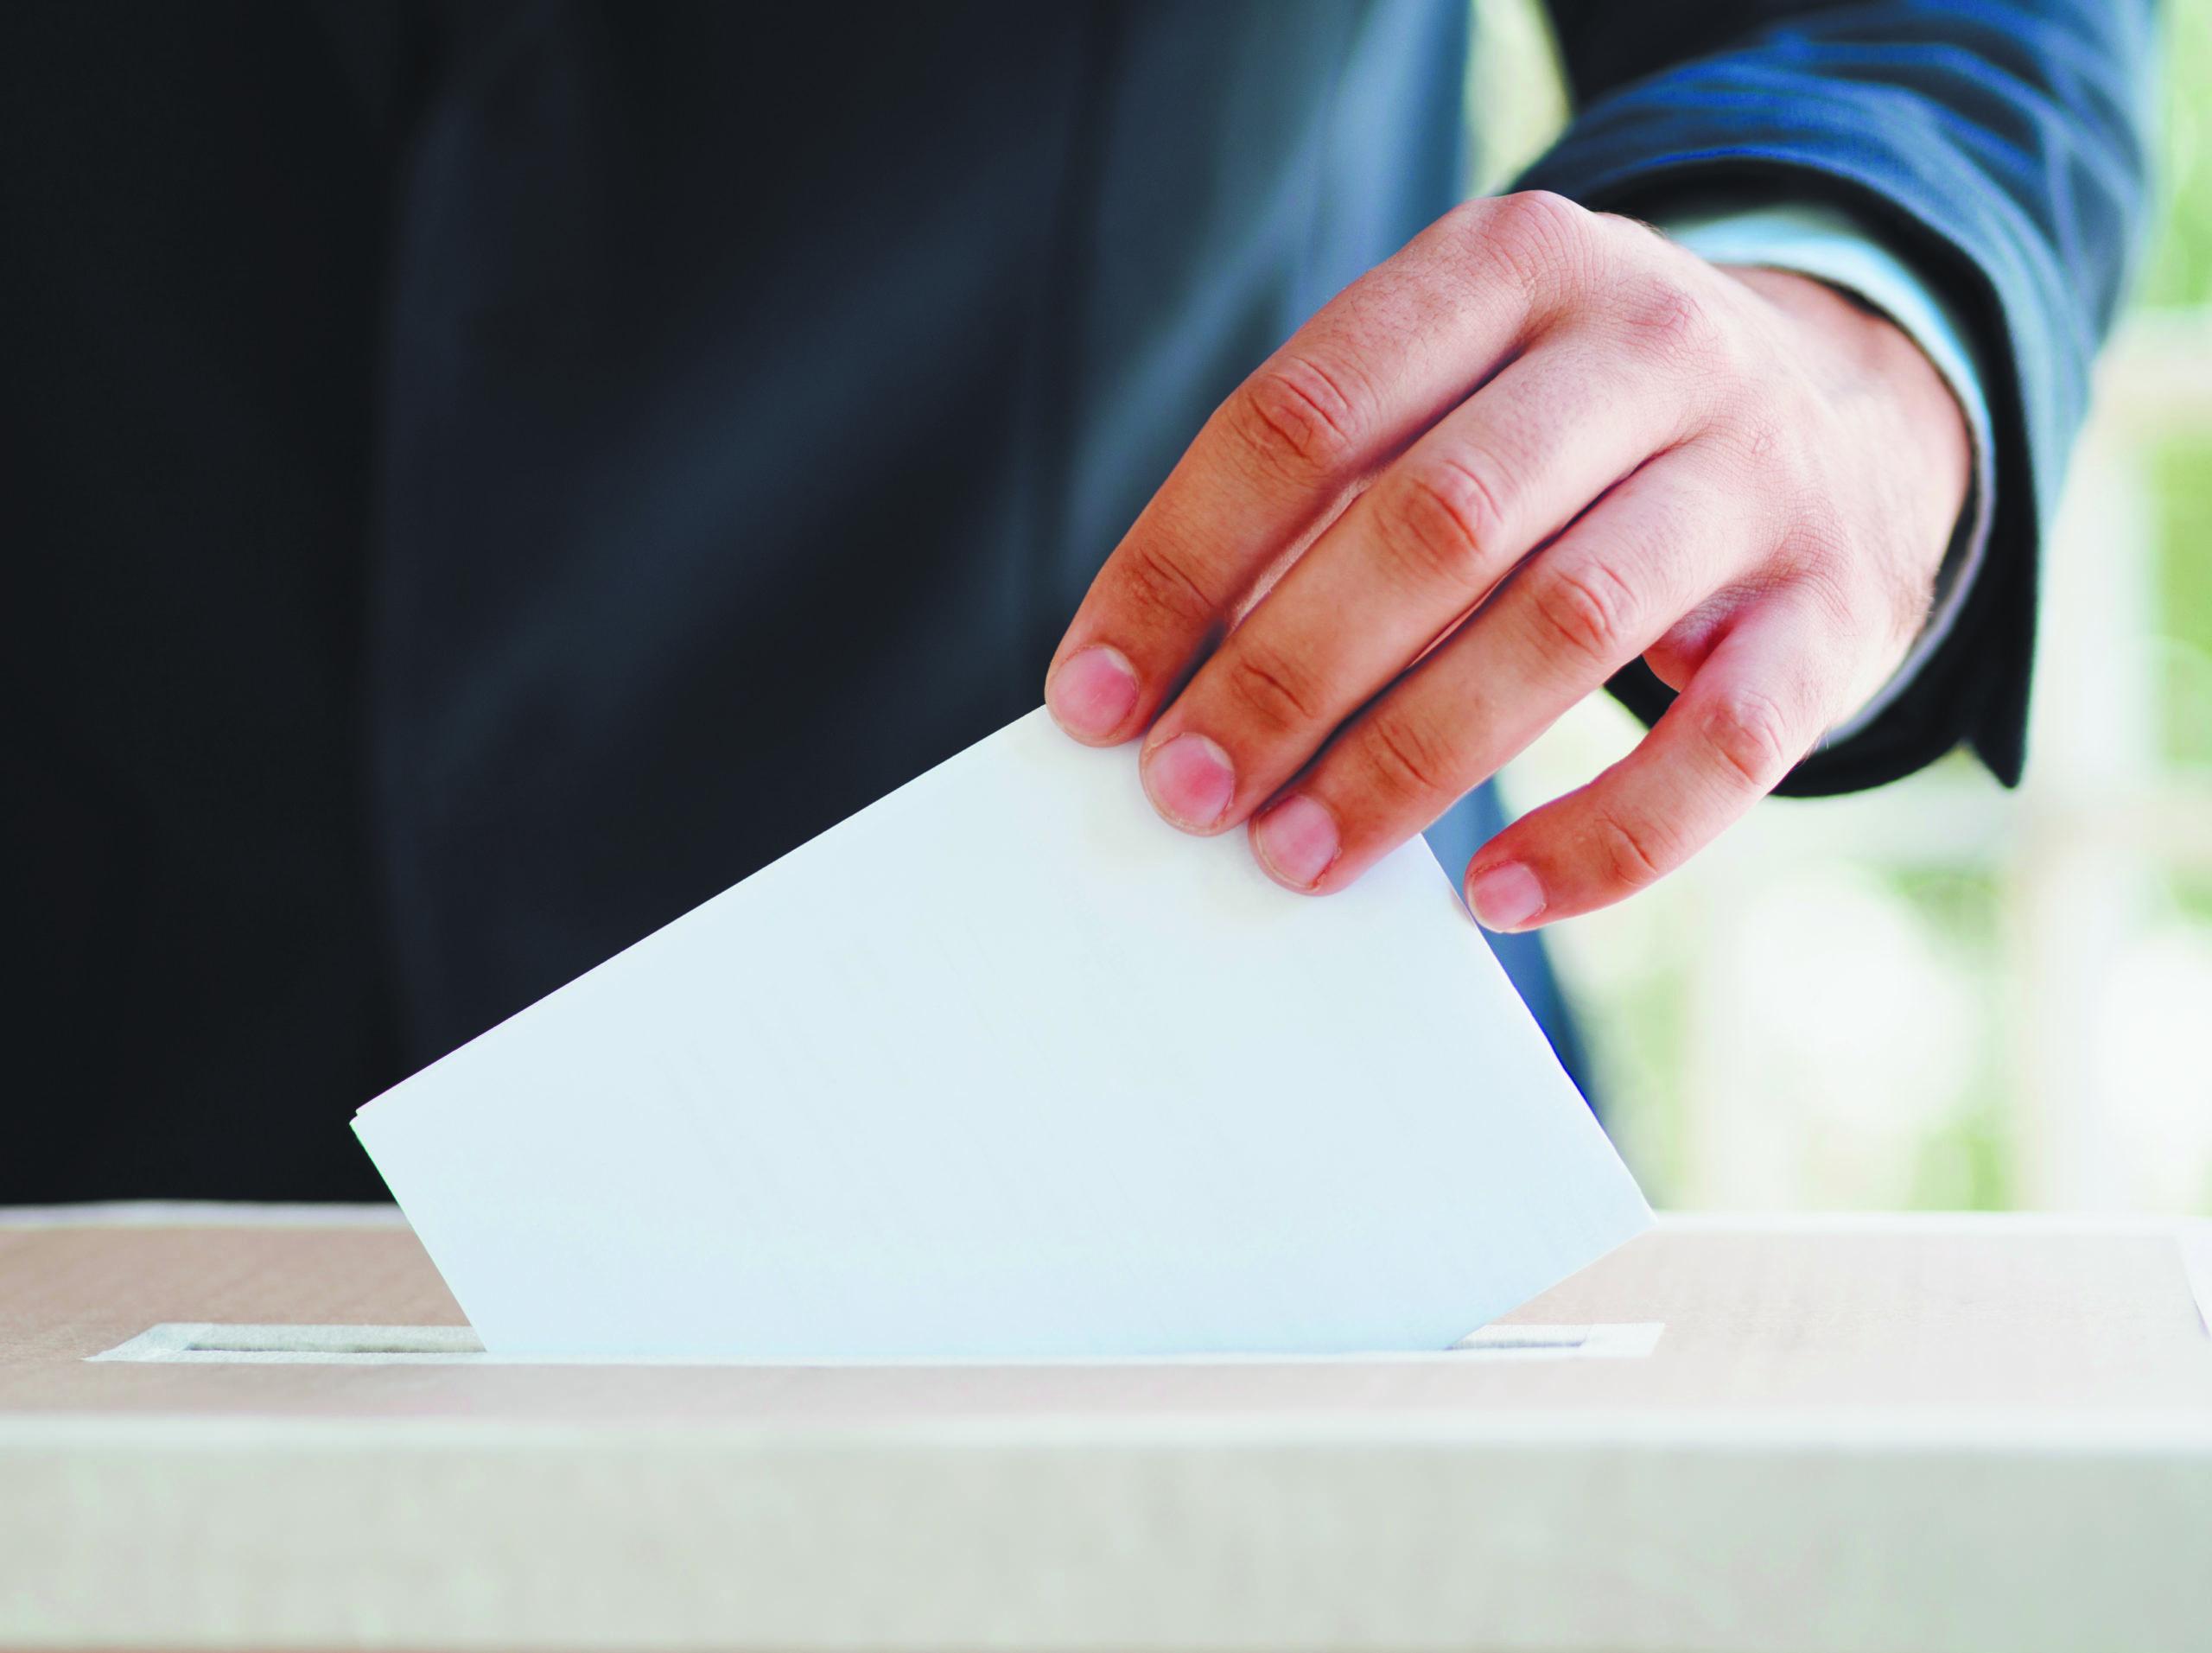 Domani si vota per il referendum sul taglio dei parlamentari